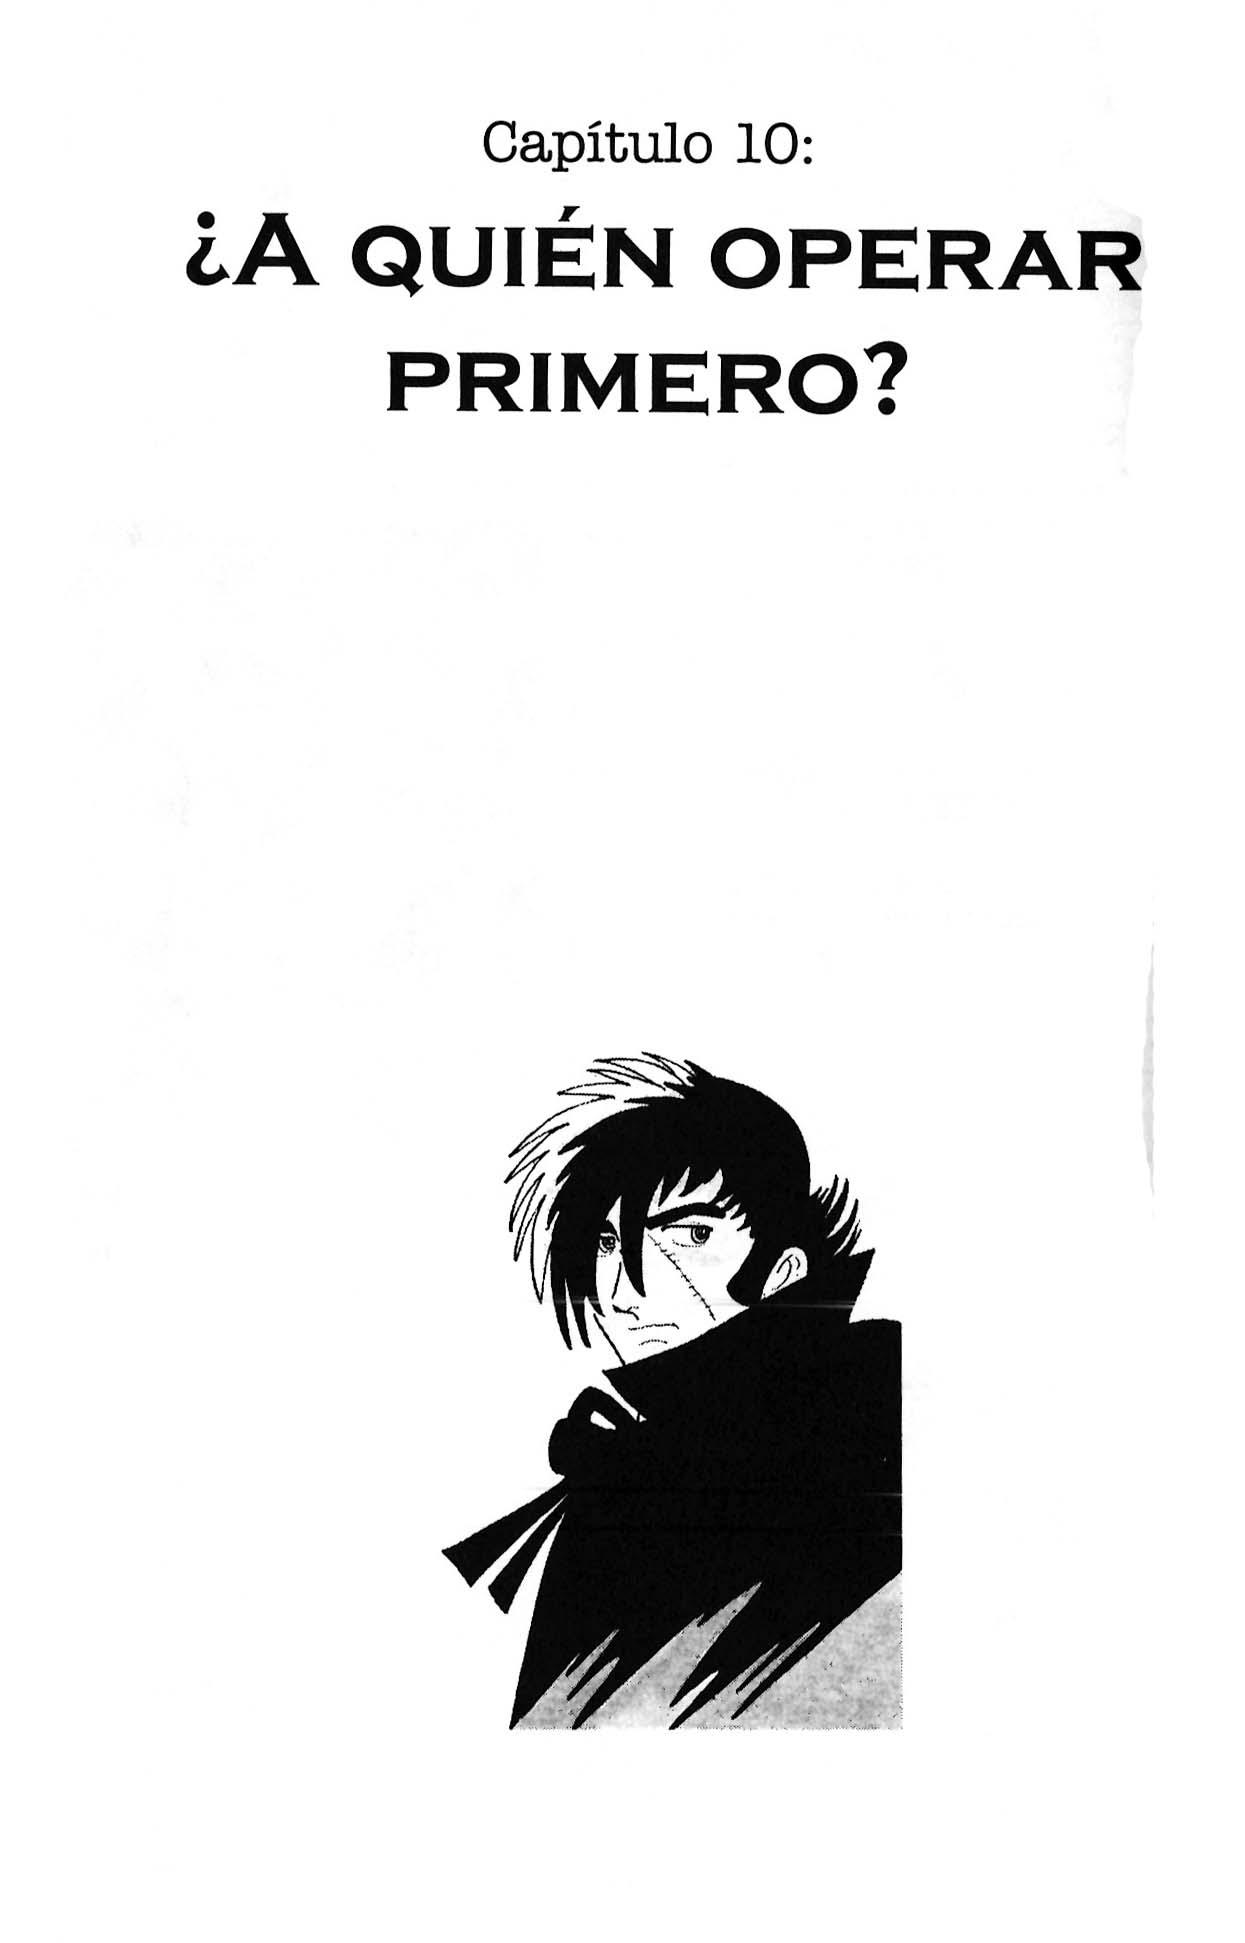 https://c9.mangatag.com/es_manga/pic4/56/376/631872/631872_0_552.jpg Page 1